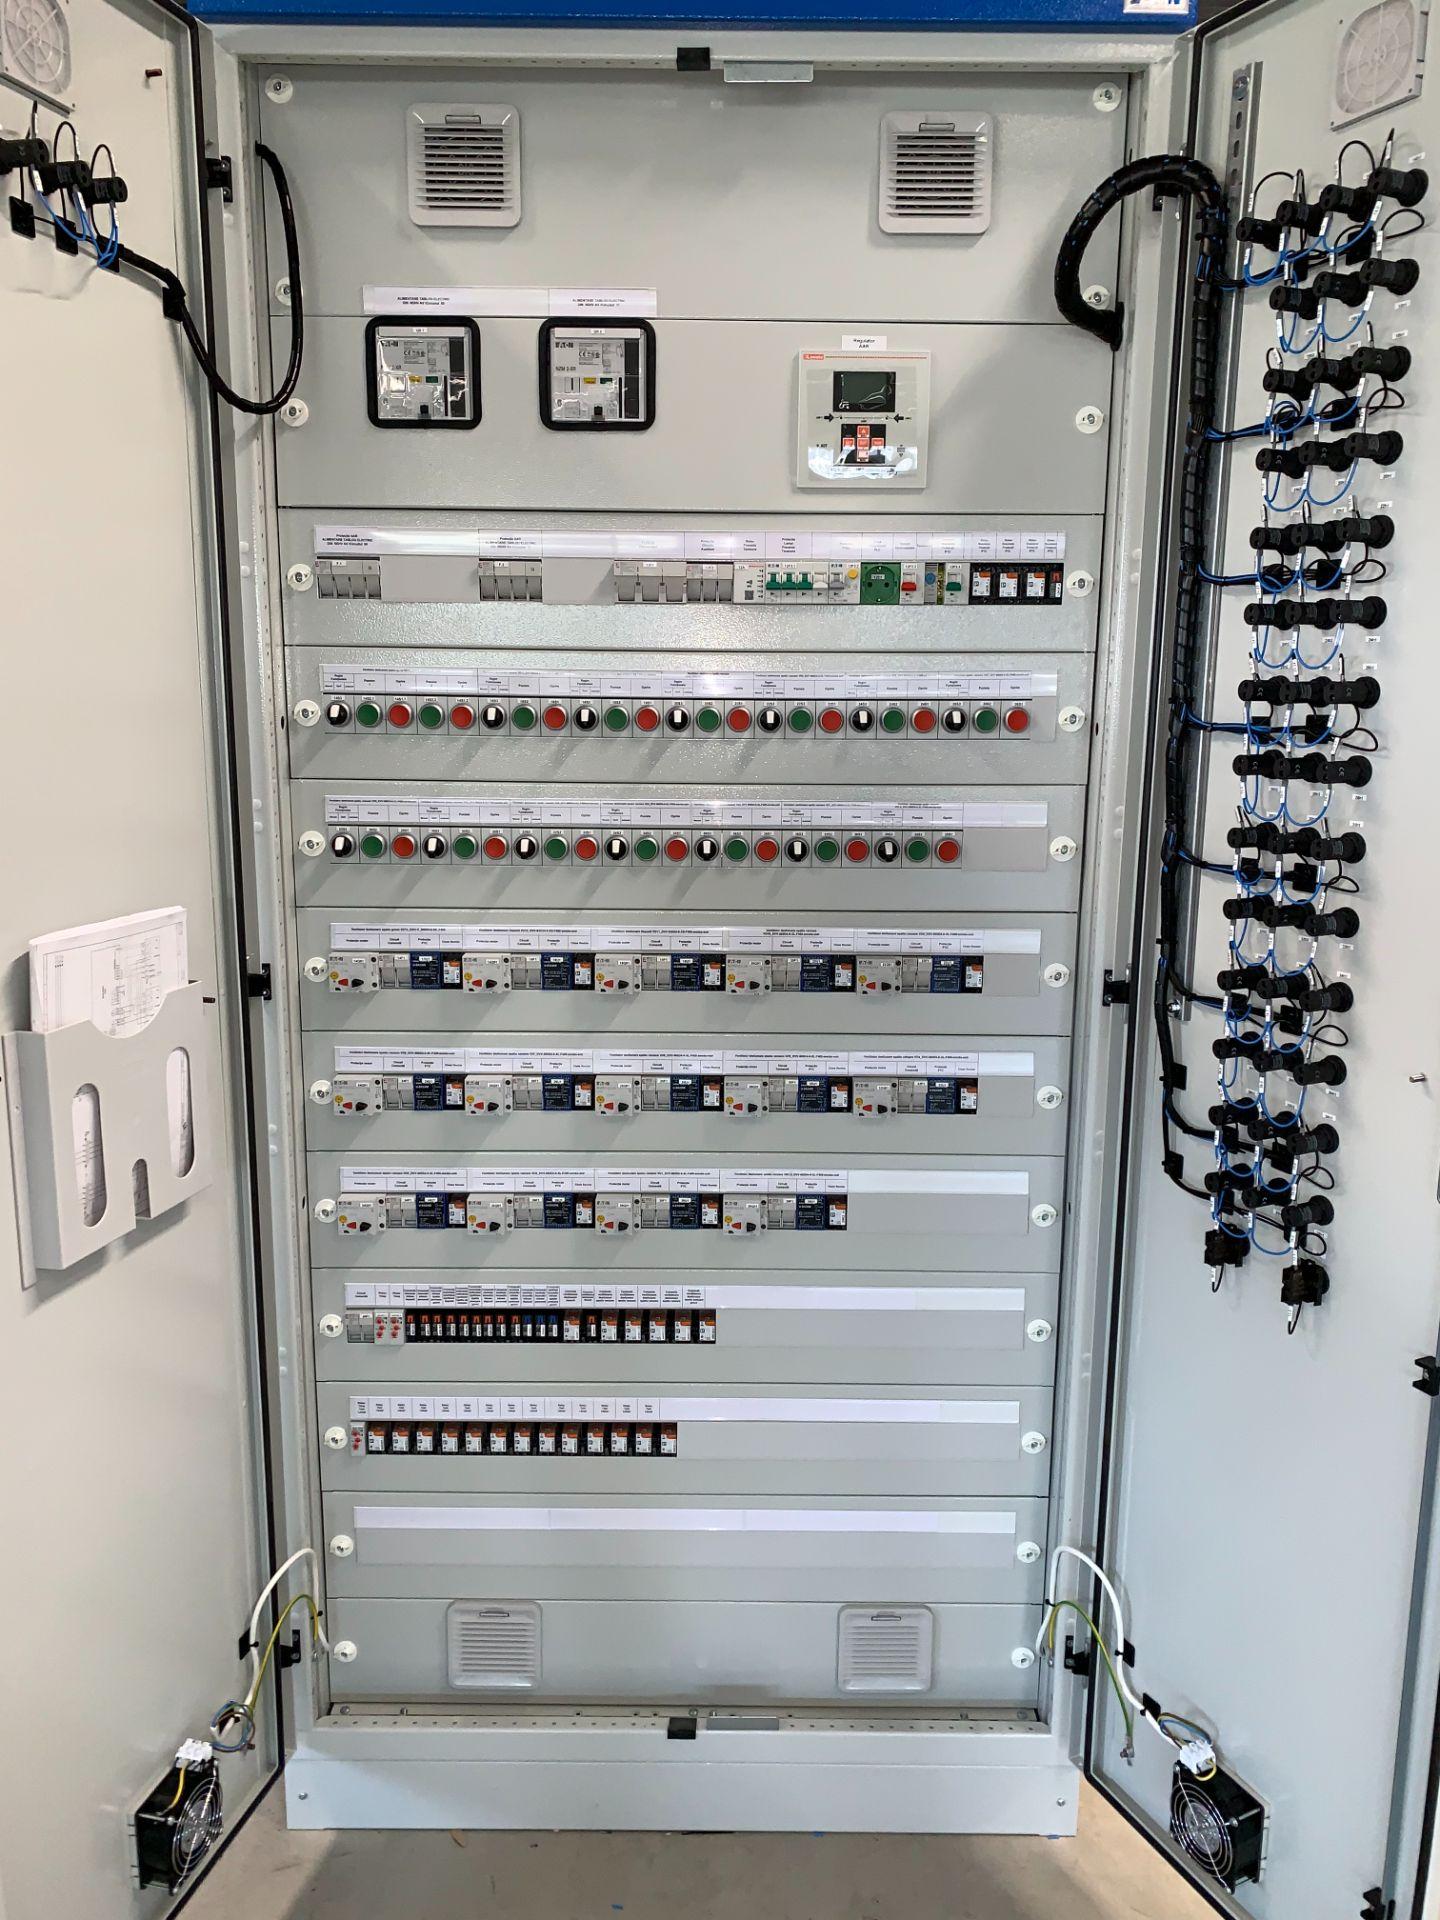 Tablouri electrice și automatizări IMG 2097